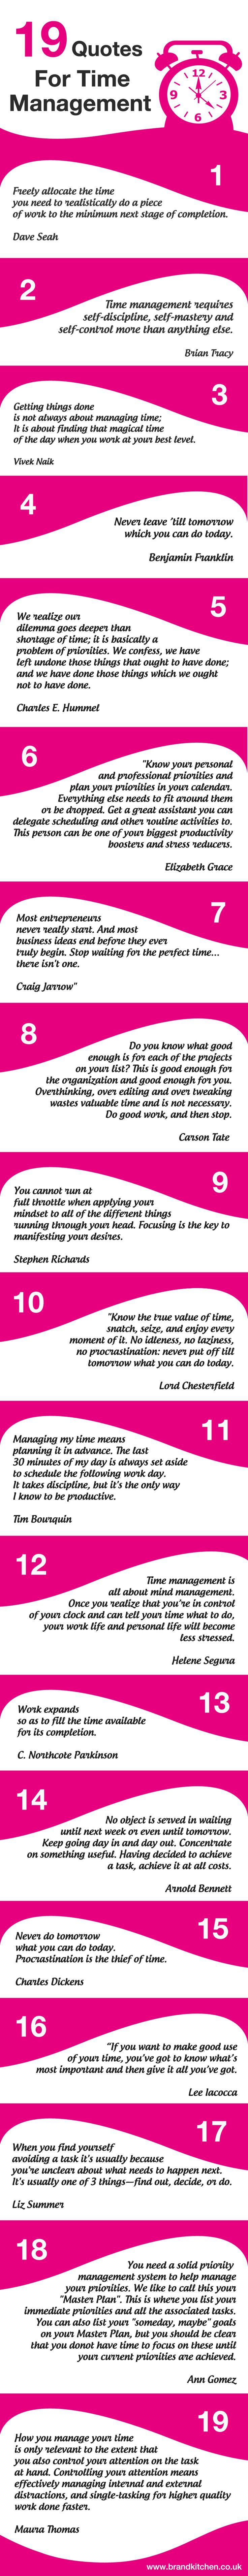 19 Quotes For Time Management #timemanagement #quotes #time #entrepreneur #mumpreneur #business